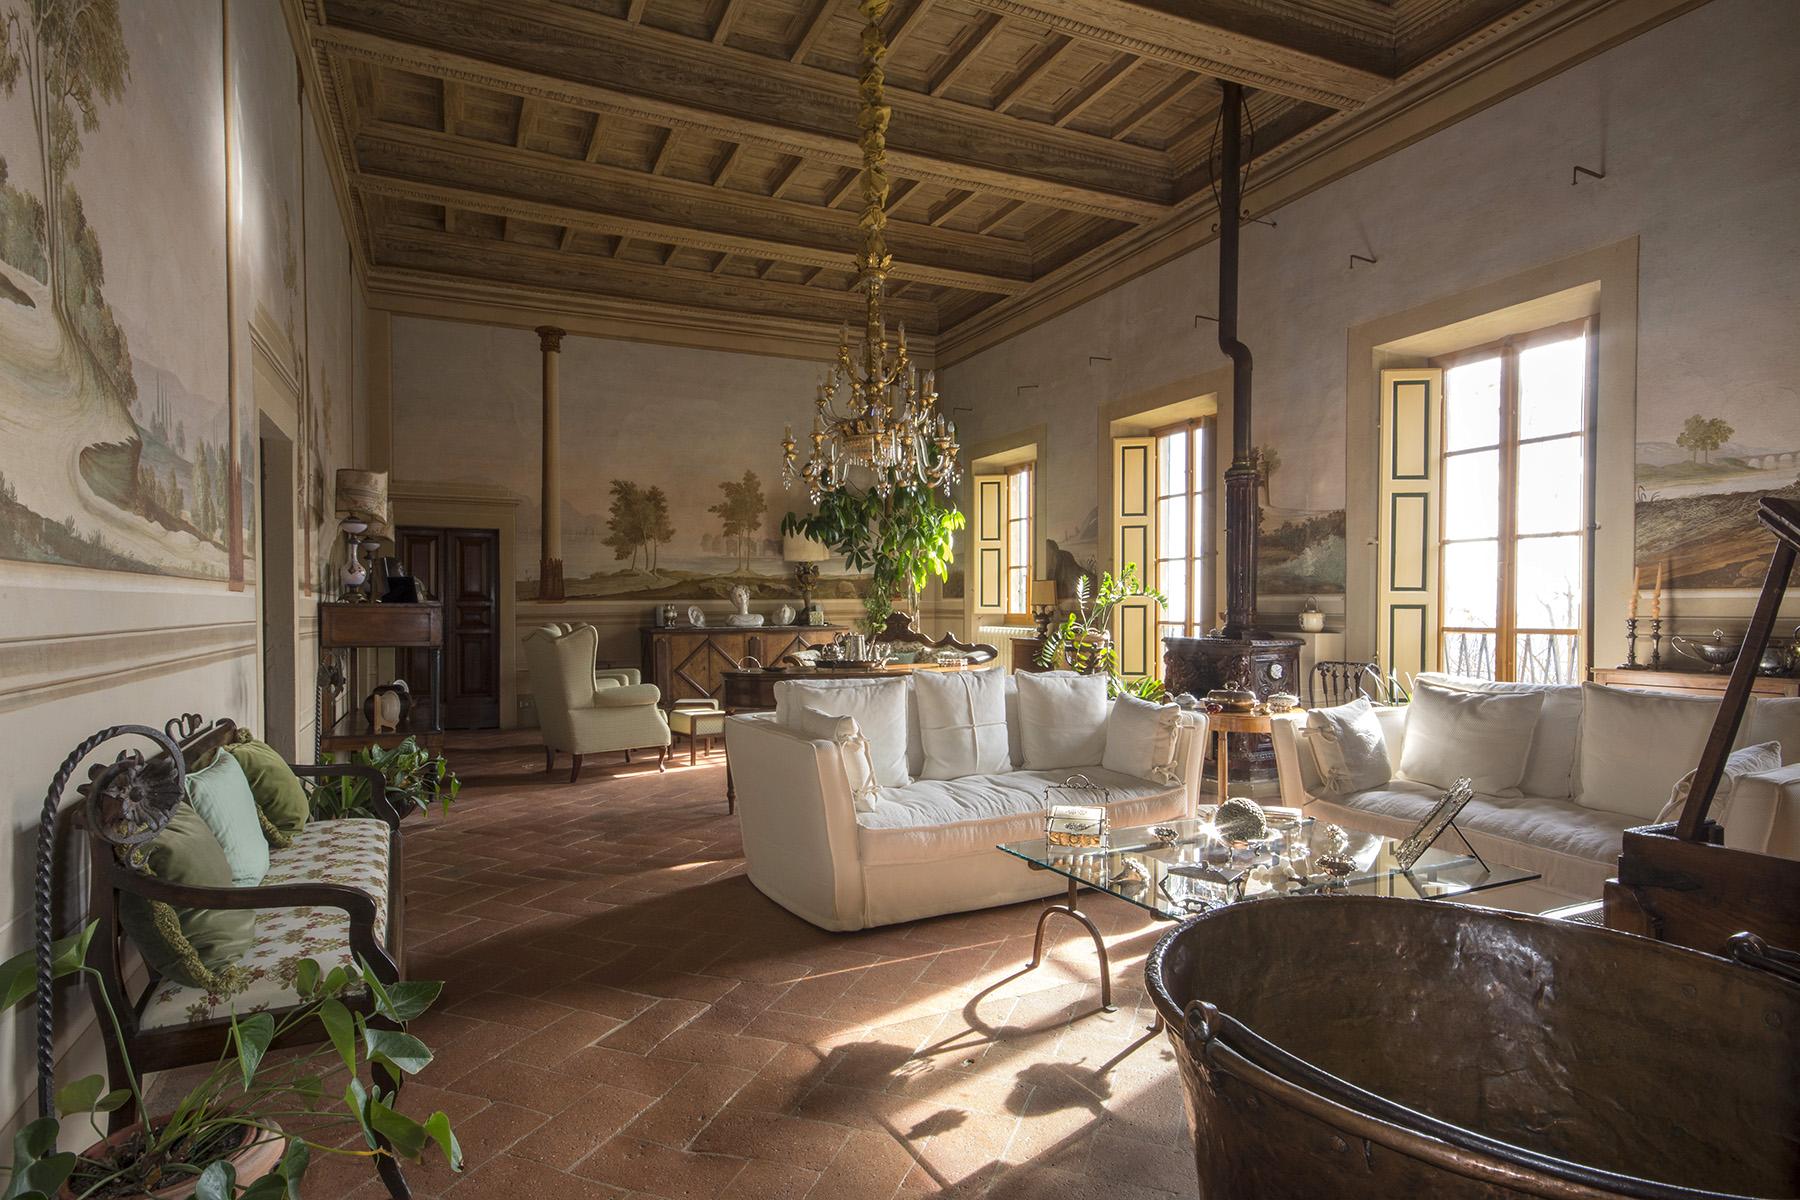 Casa indipendente in Vendita a Pistoia: 5 locali, 500 mq - Foto 3